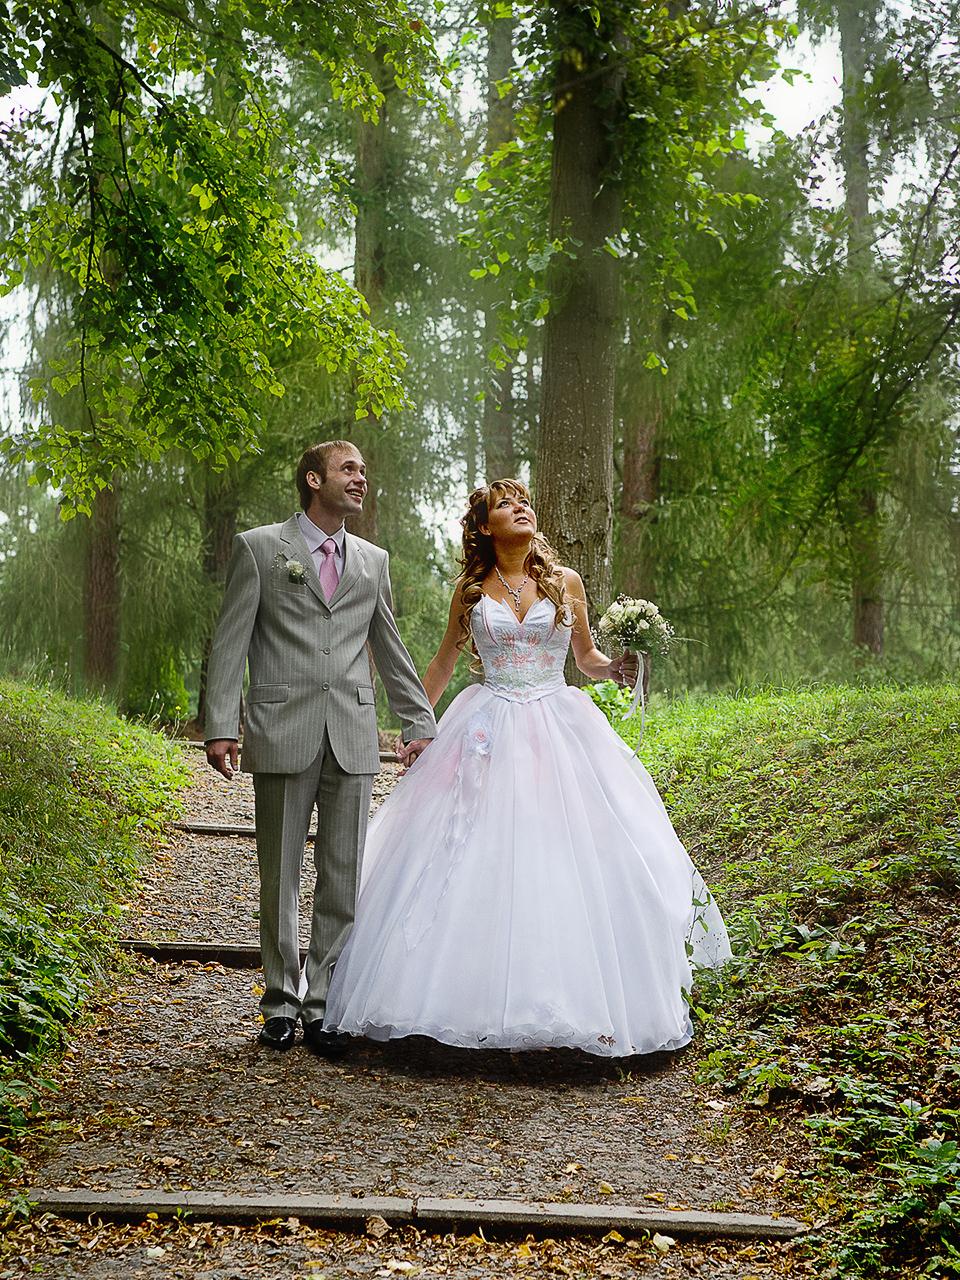 Свадебная съёмка в течении свадебного дня делится на два основных жанра.Это репортажная съёмка и постановочная.Репортажная съемка — это фиксирование происходящего без вмешательствафотографа, то есть без его малейшей режиссуры.